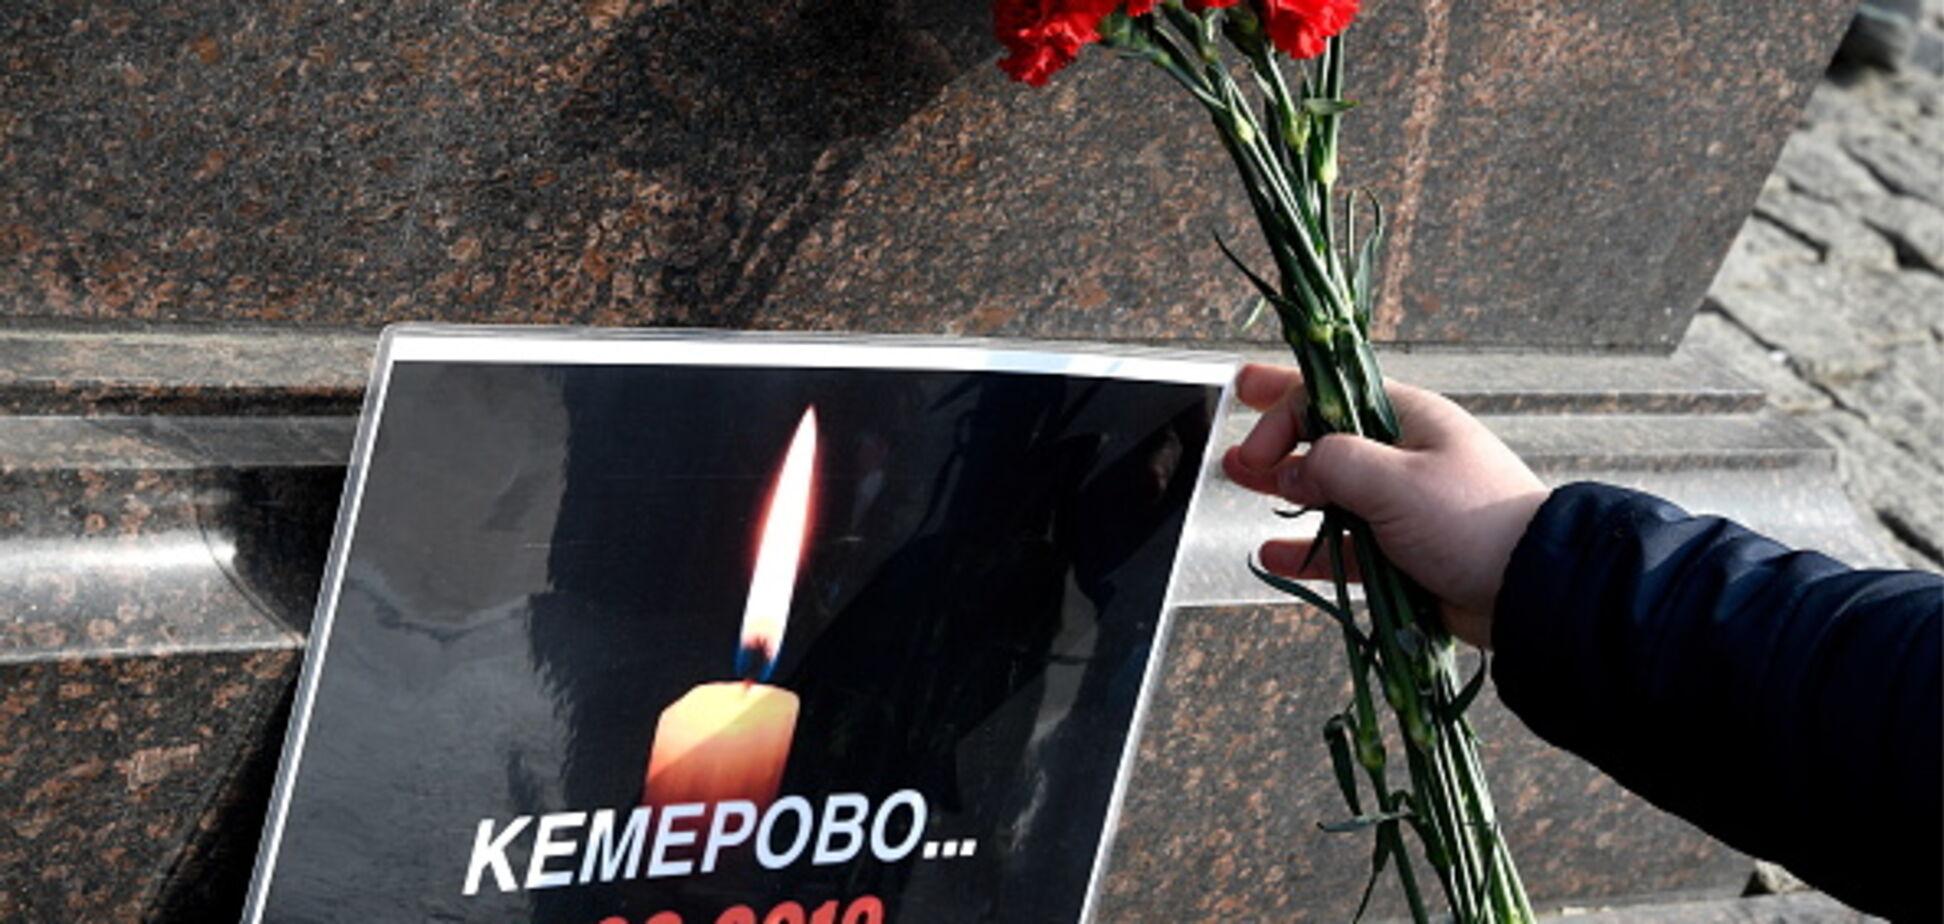 '70% - дети': стало известно количество пропавших на пожаре в Кемерово